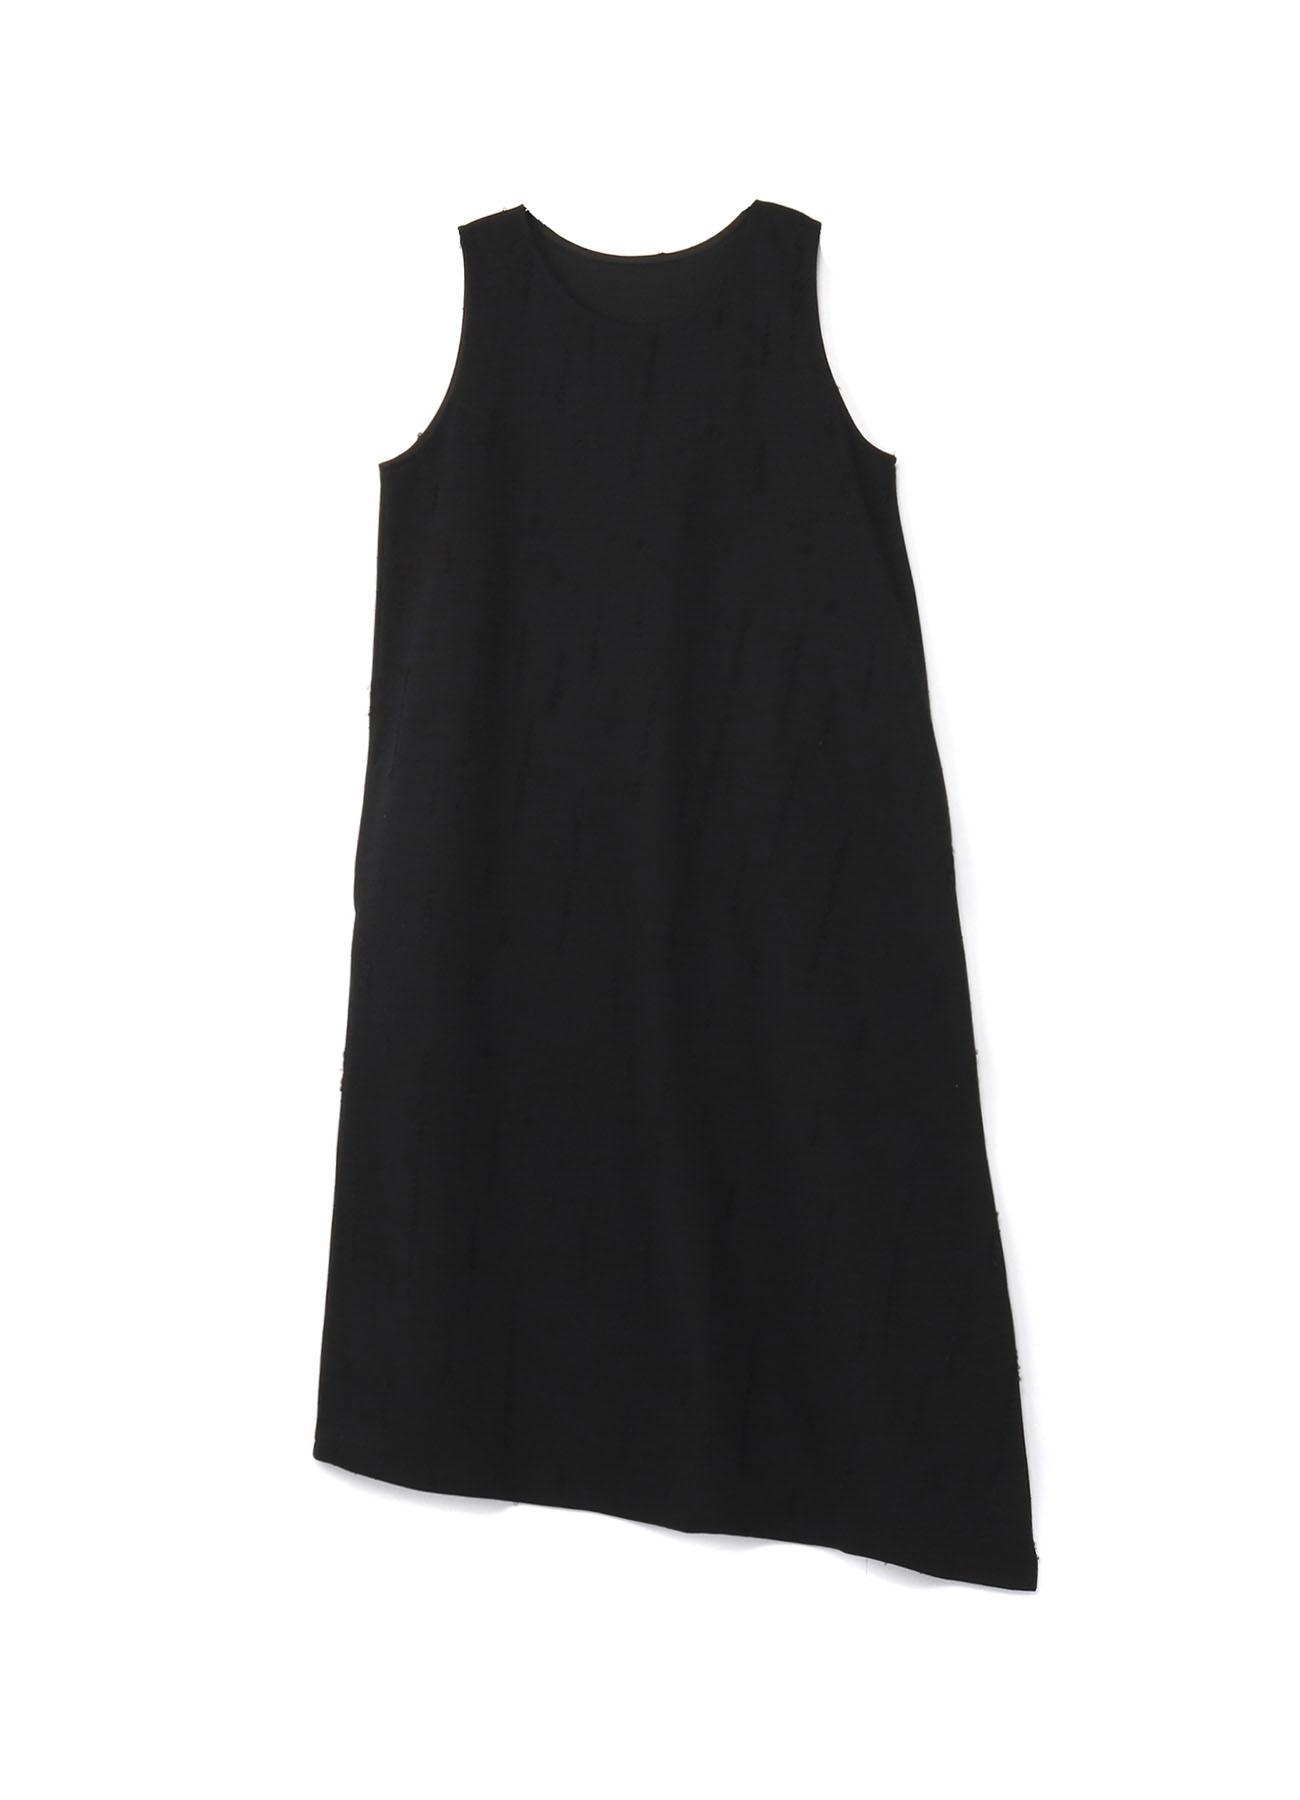 HOLED JACQUARD LEFT FLARE SLEEVELESS DRESS